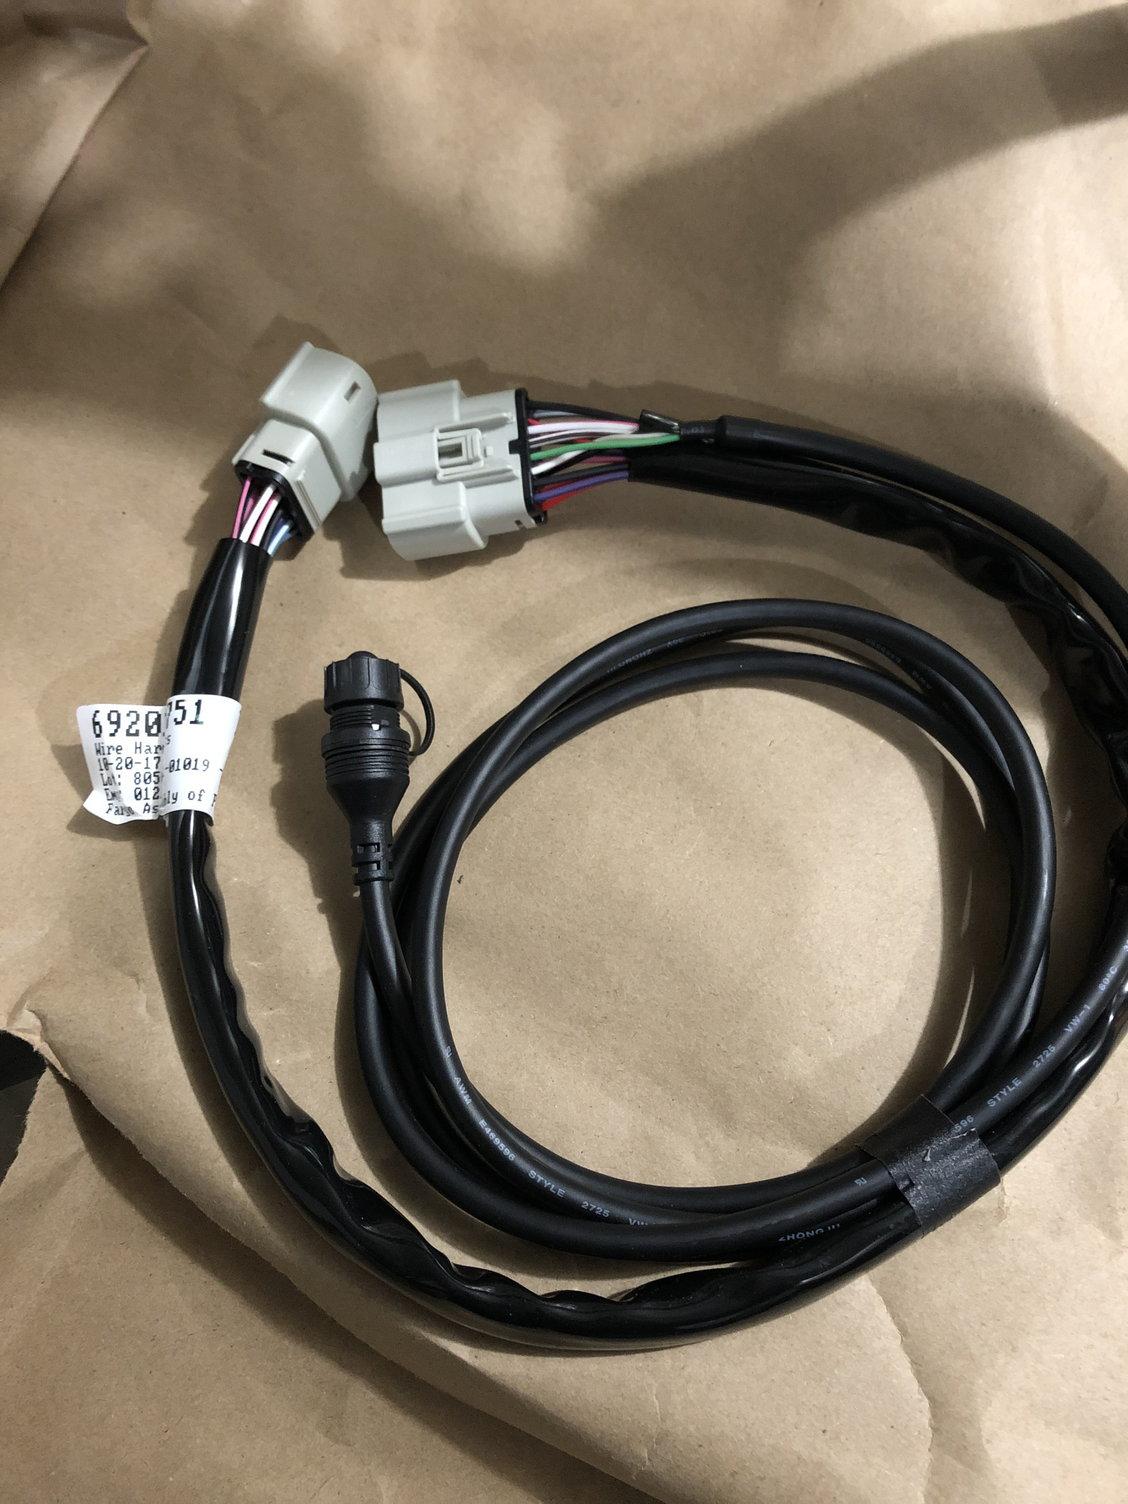 Harley Davidson Oem Wiring Harness 69201751